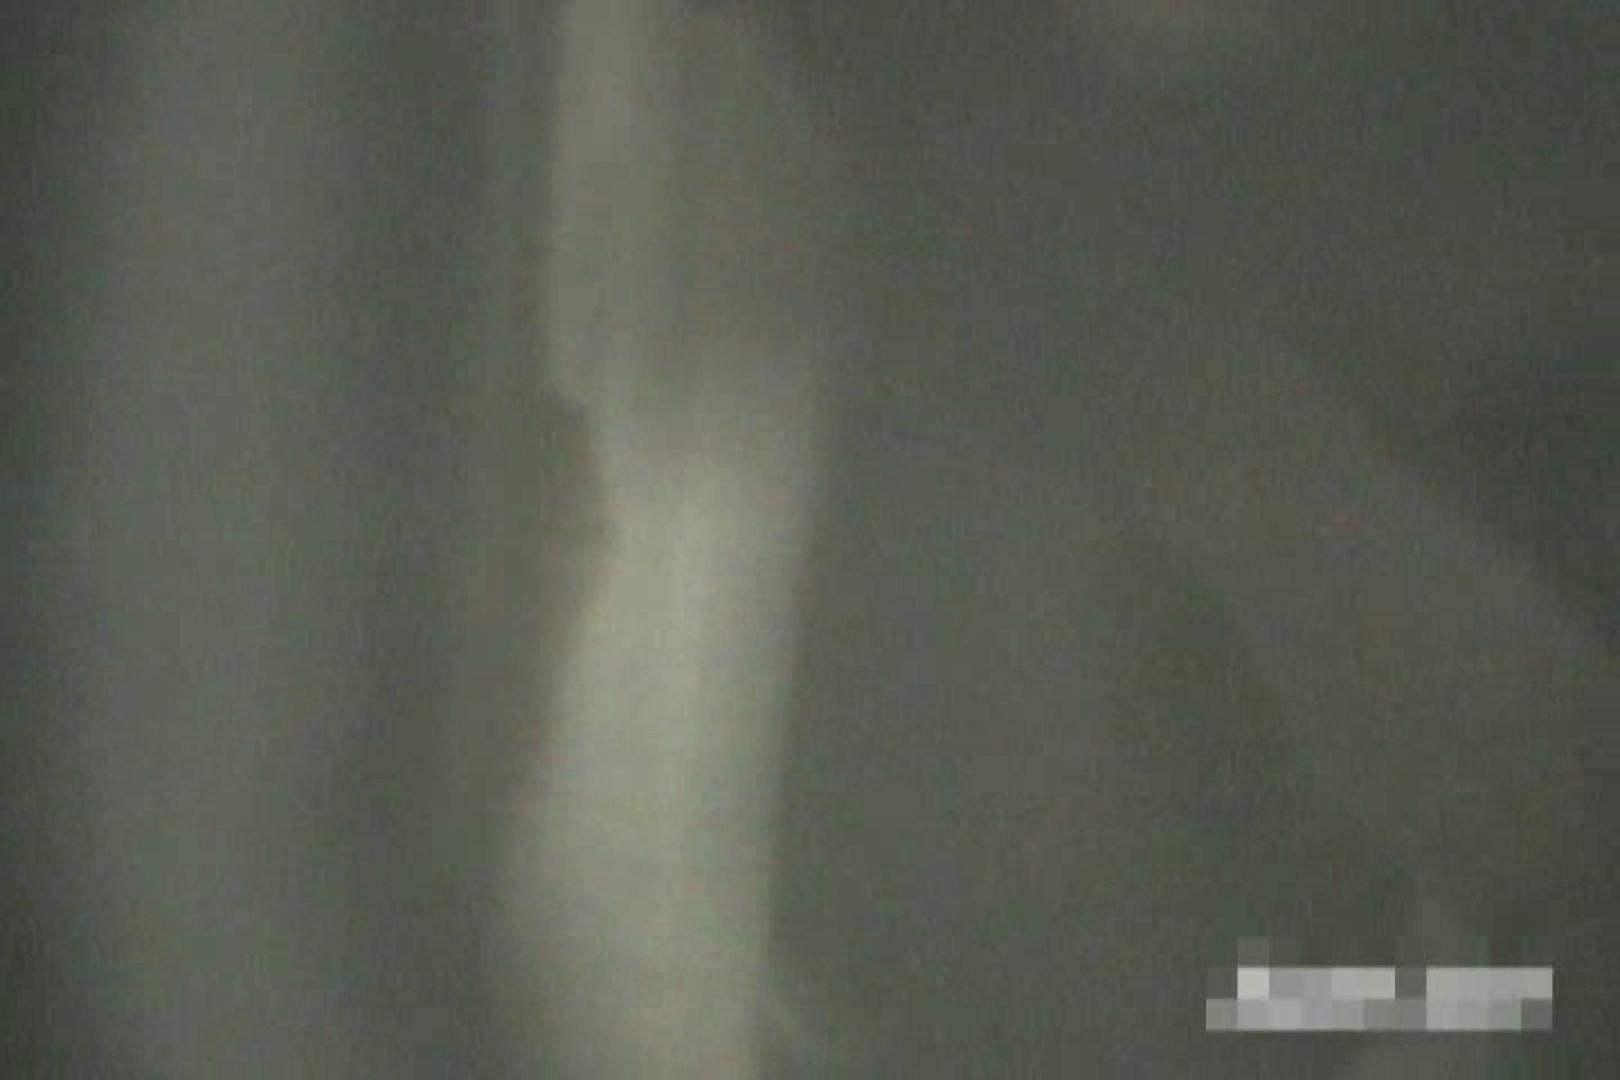 激撮ストーカー記録あなたのお宅拝見しますVol.5 美女OL 戯れ無修正画像 31連発 22